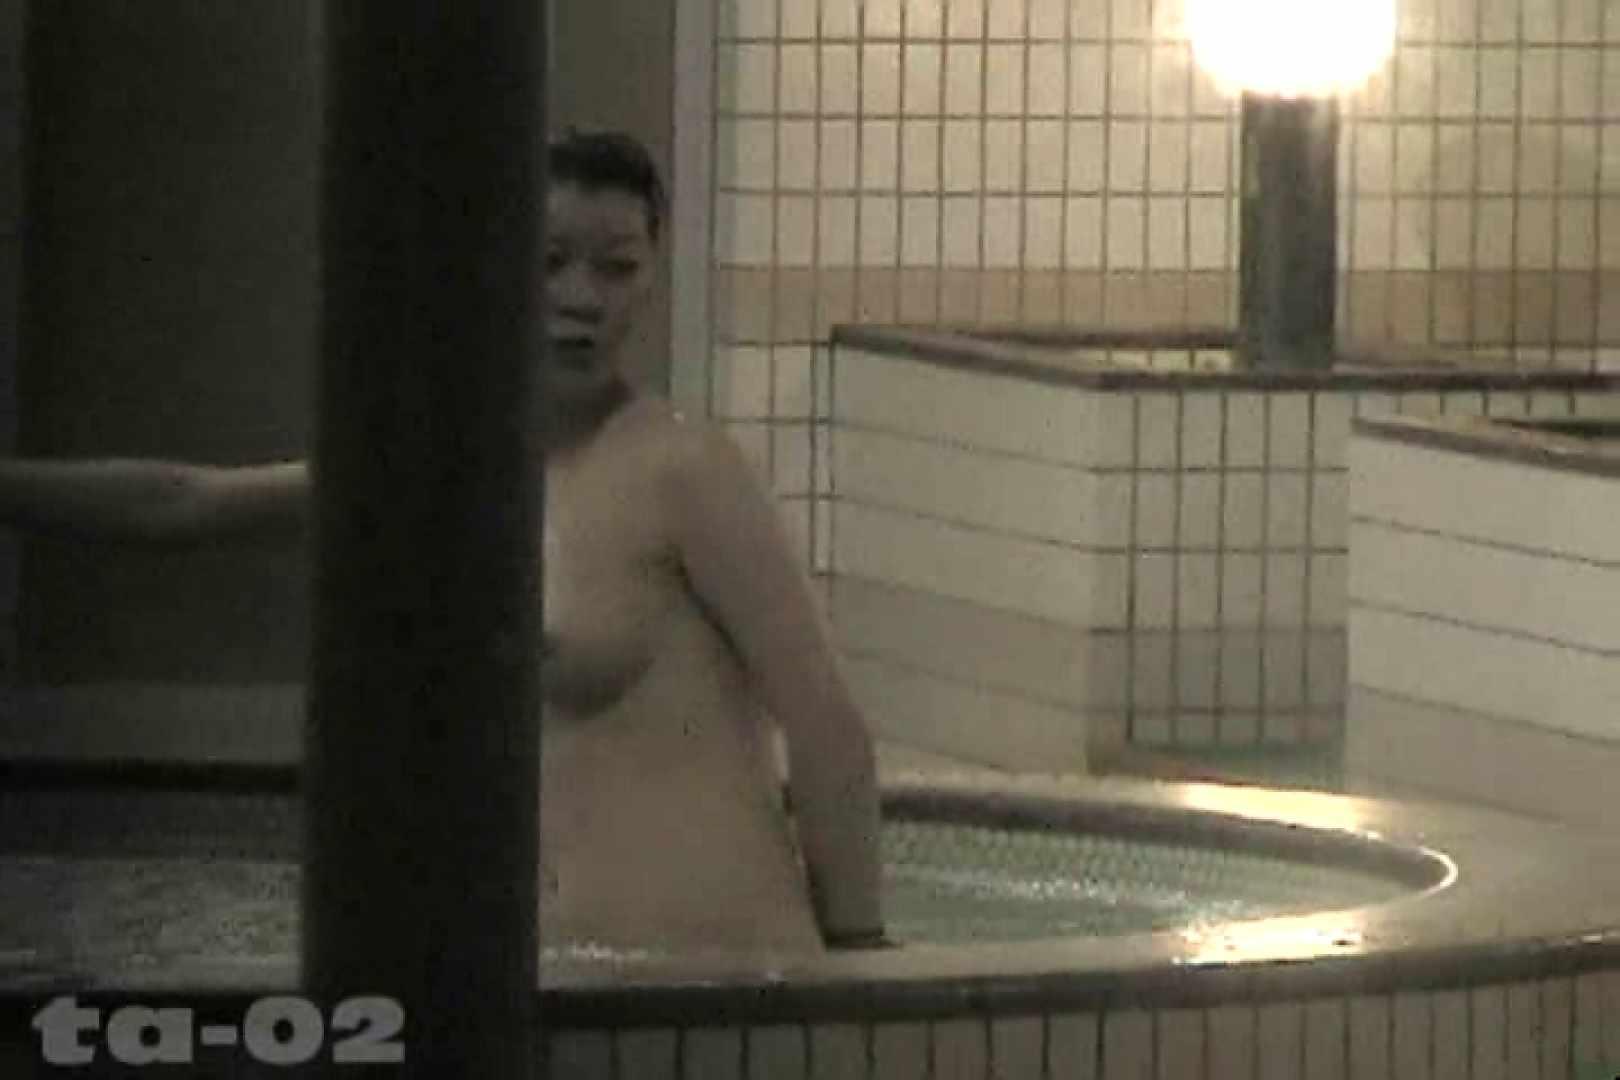 合宿ホテル女風呂盗撮高画質版 Vol.02 女風呂  76pic 39